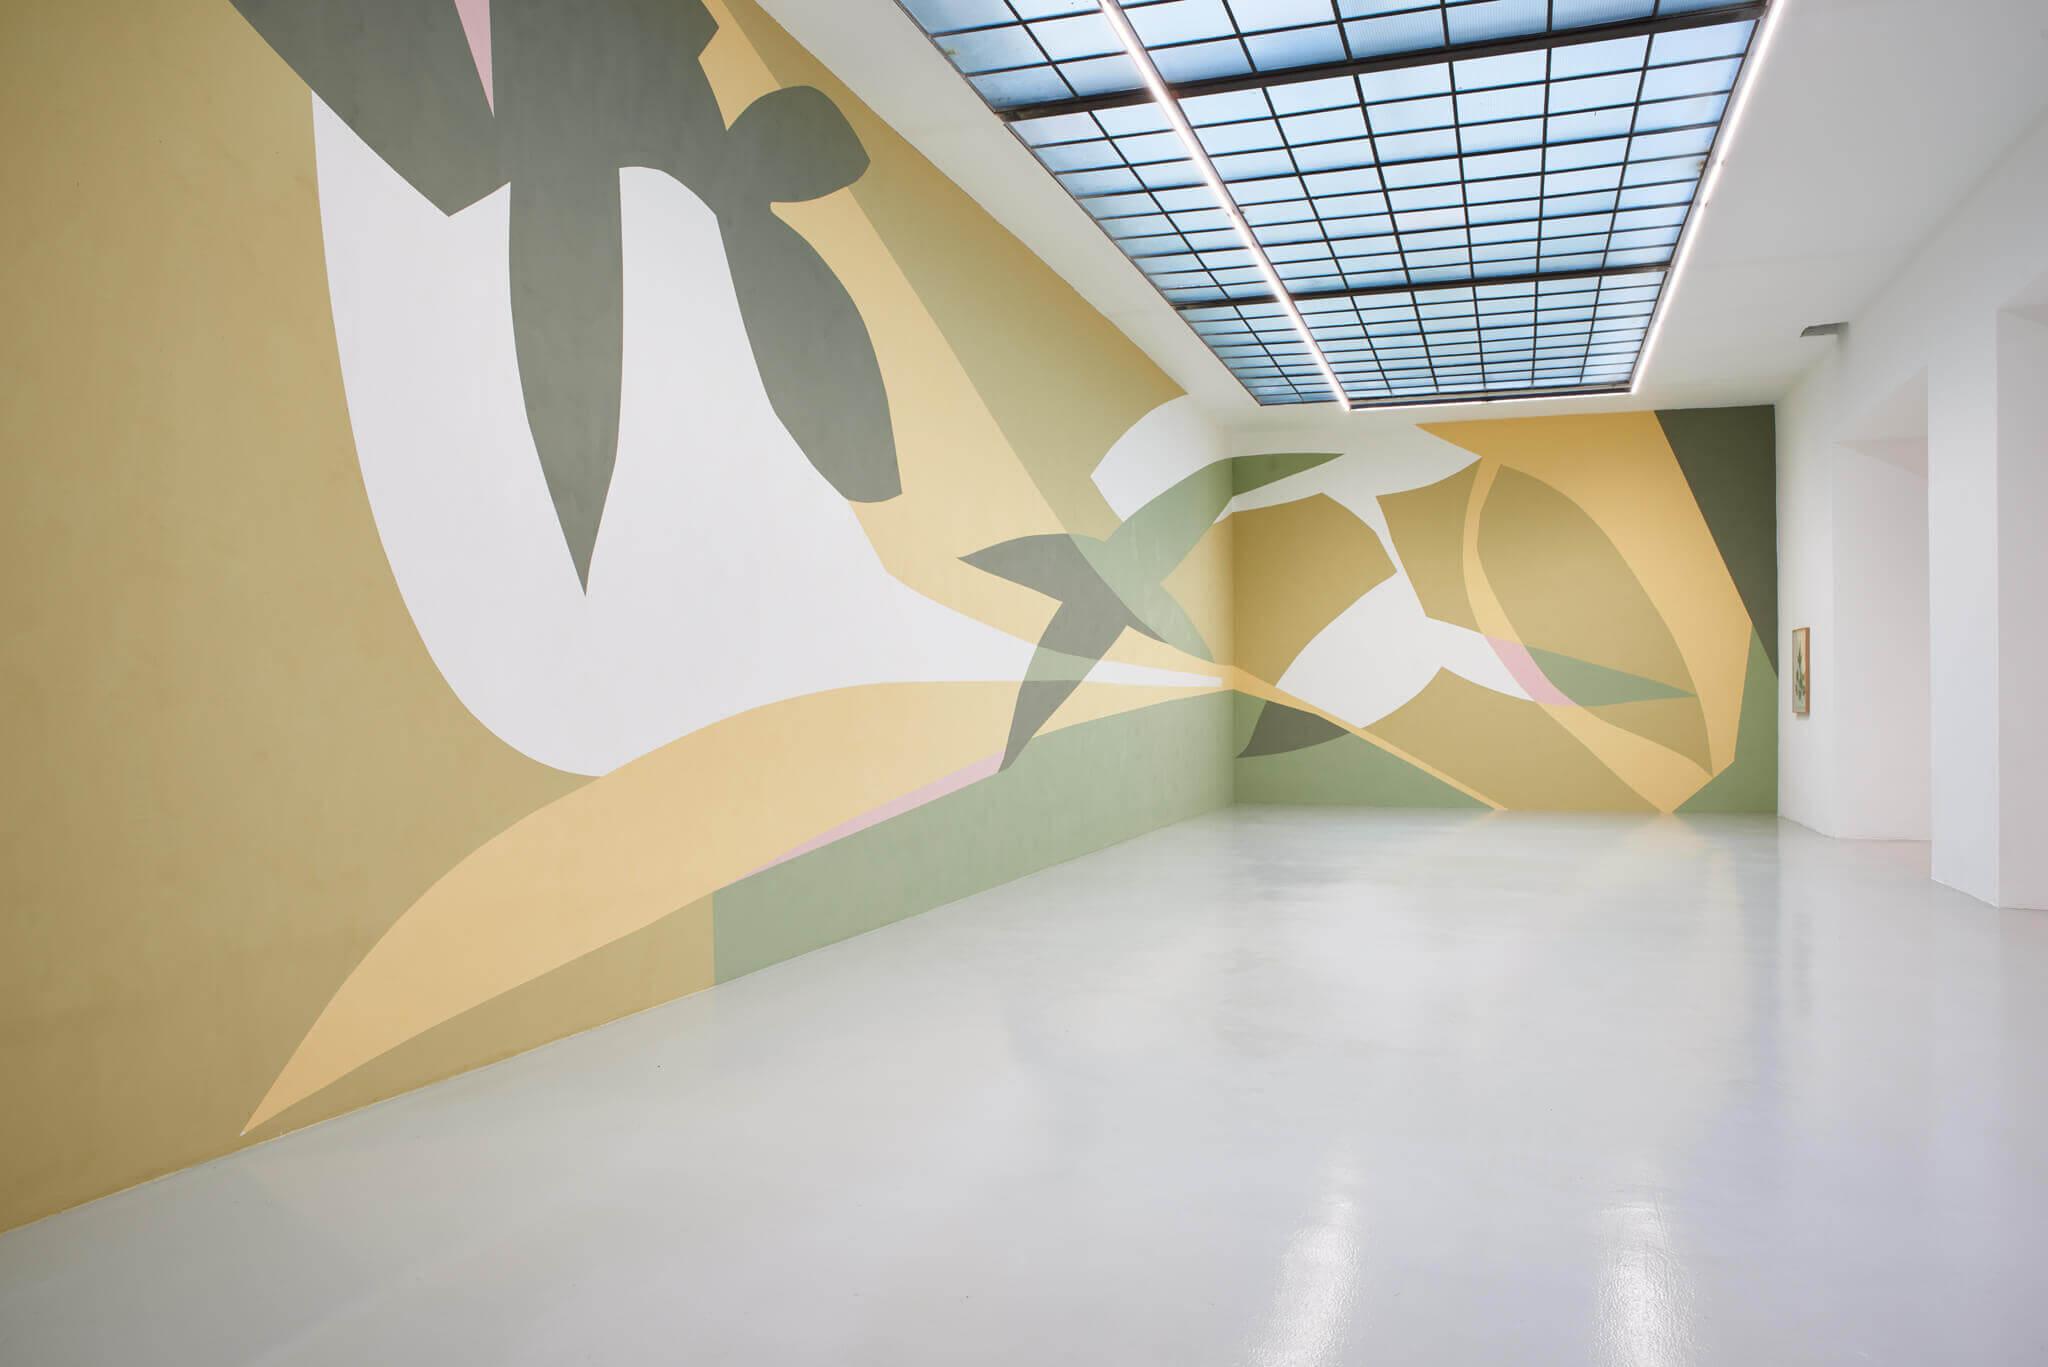 01_Frauke Dannert_Collage_Ausstellung_Folie_Galerie Lisa Kandlhofer_Wien_2018